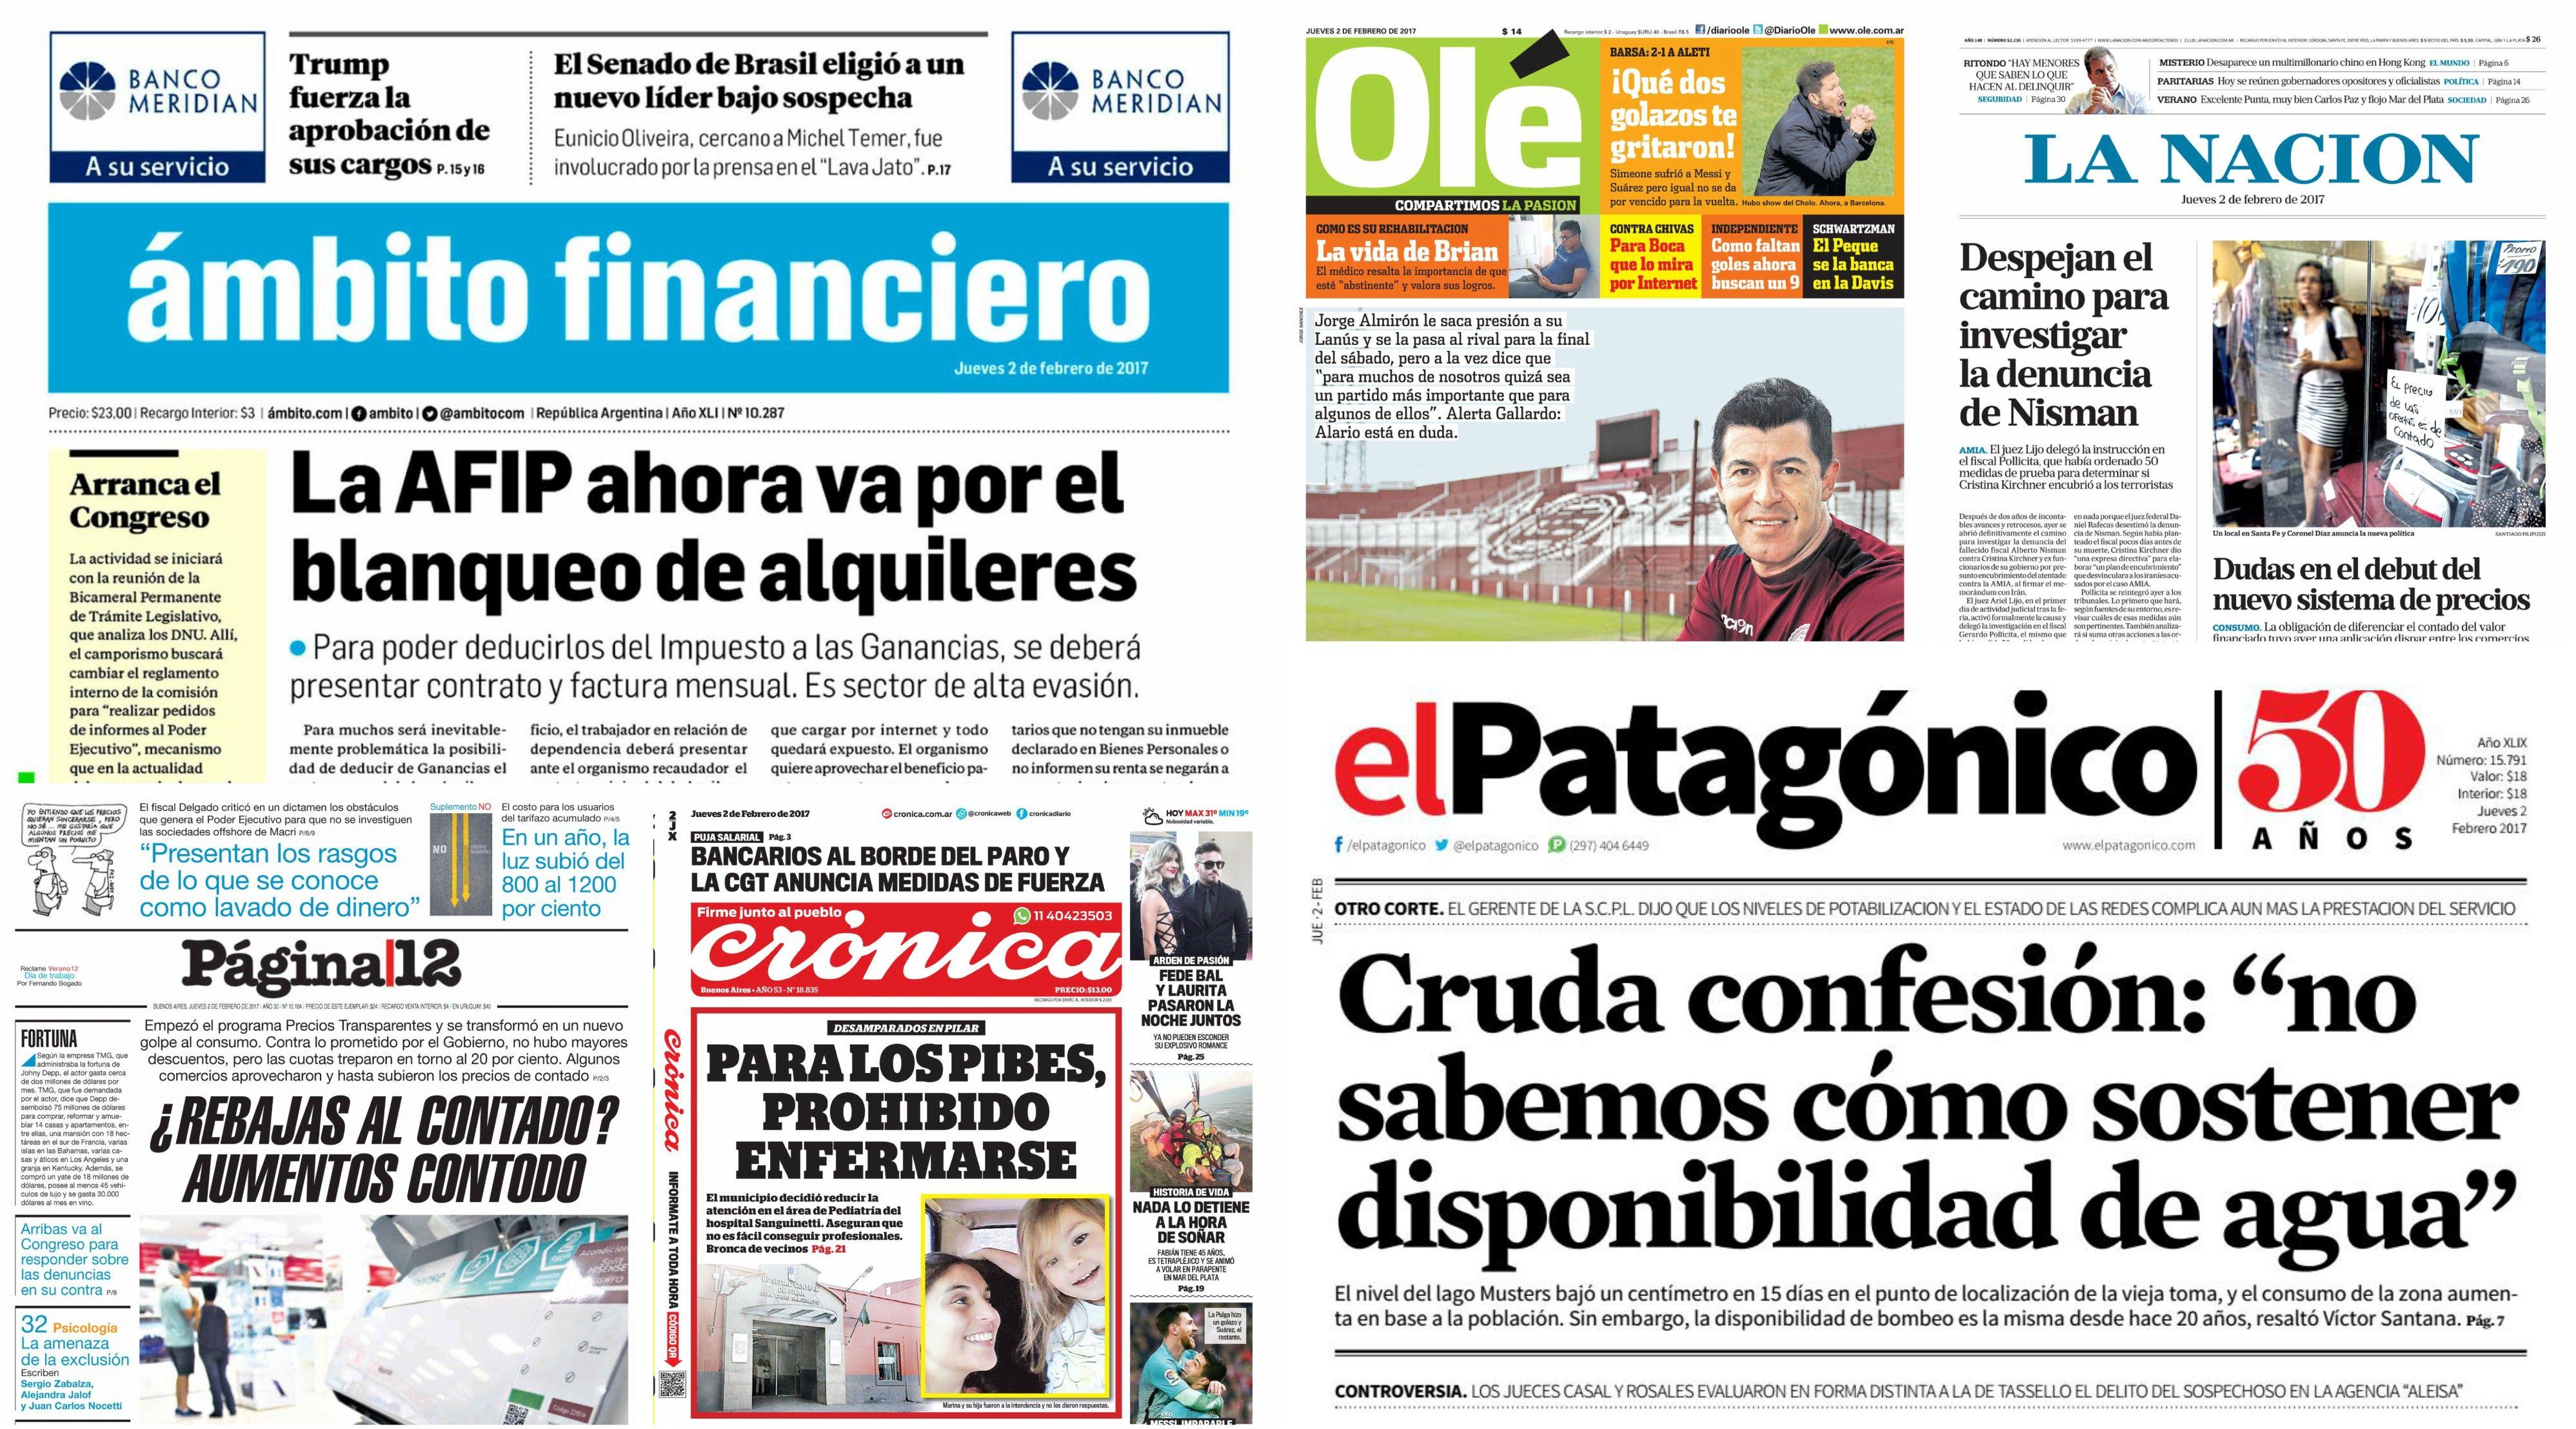 Tapas de diarios deljueves 2 de febrero de 2017